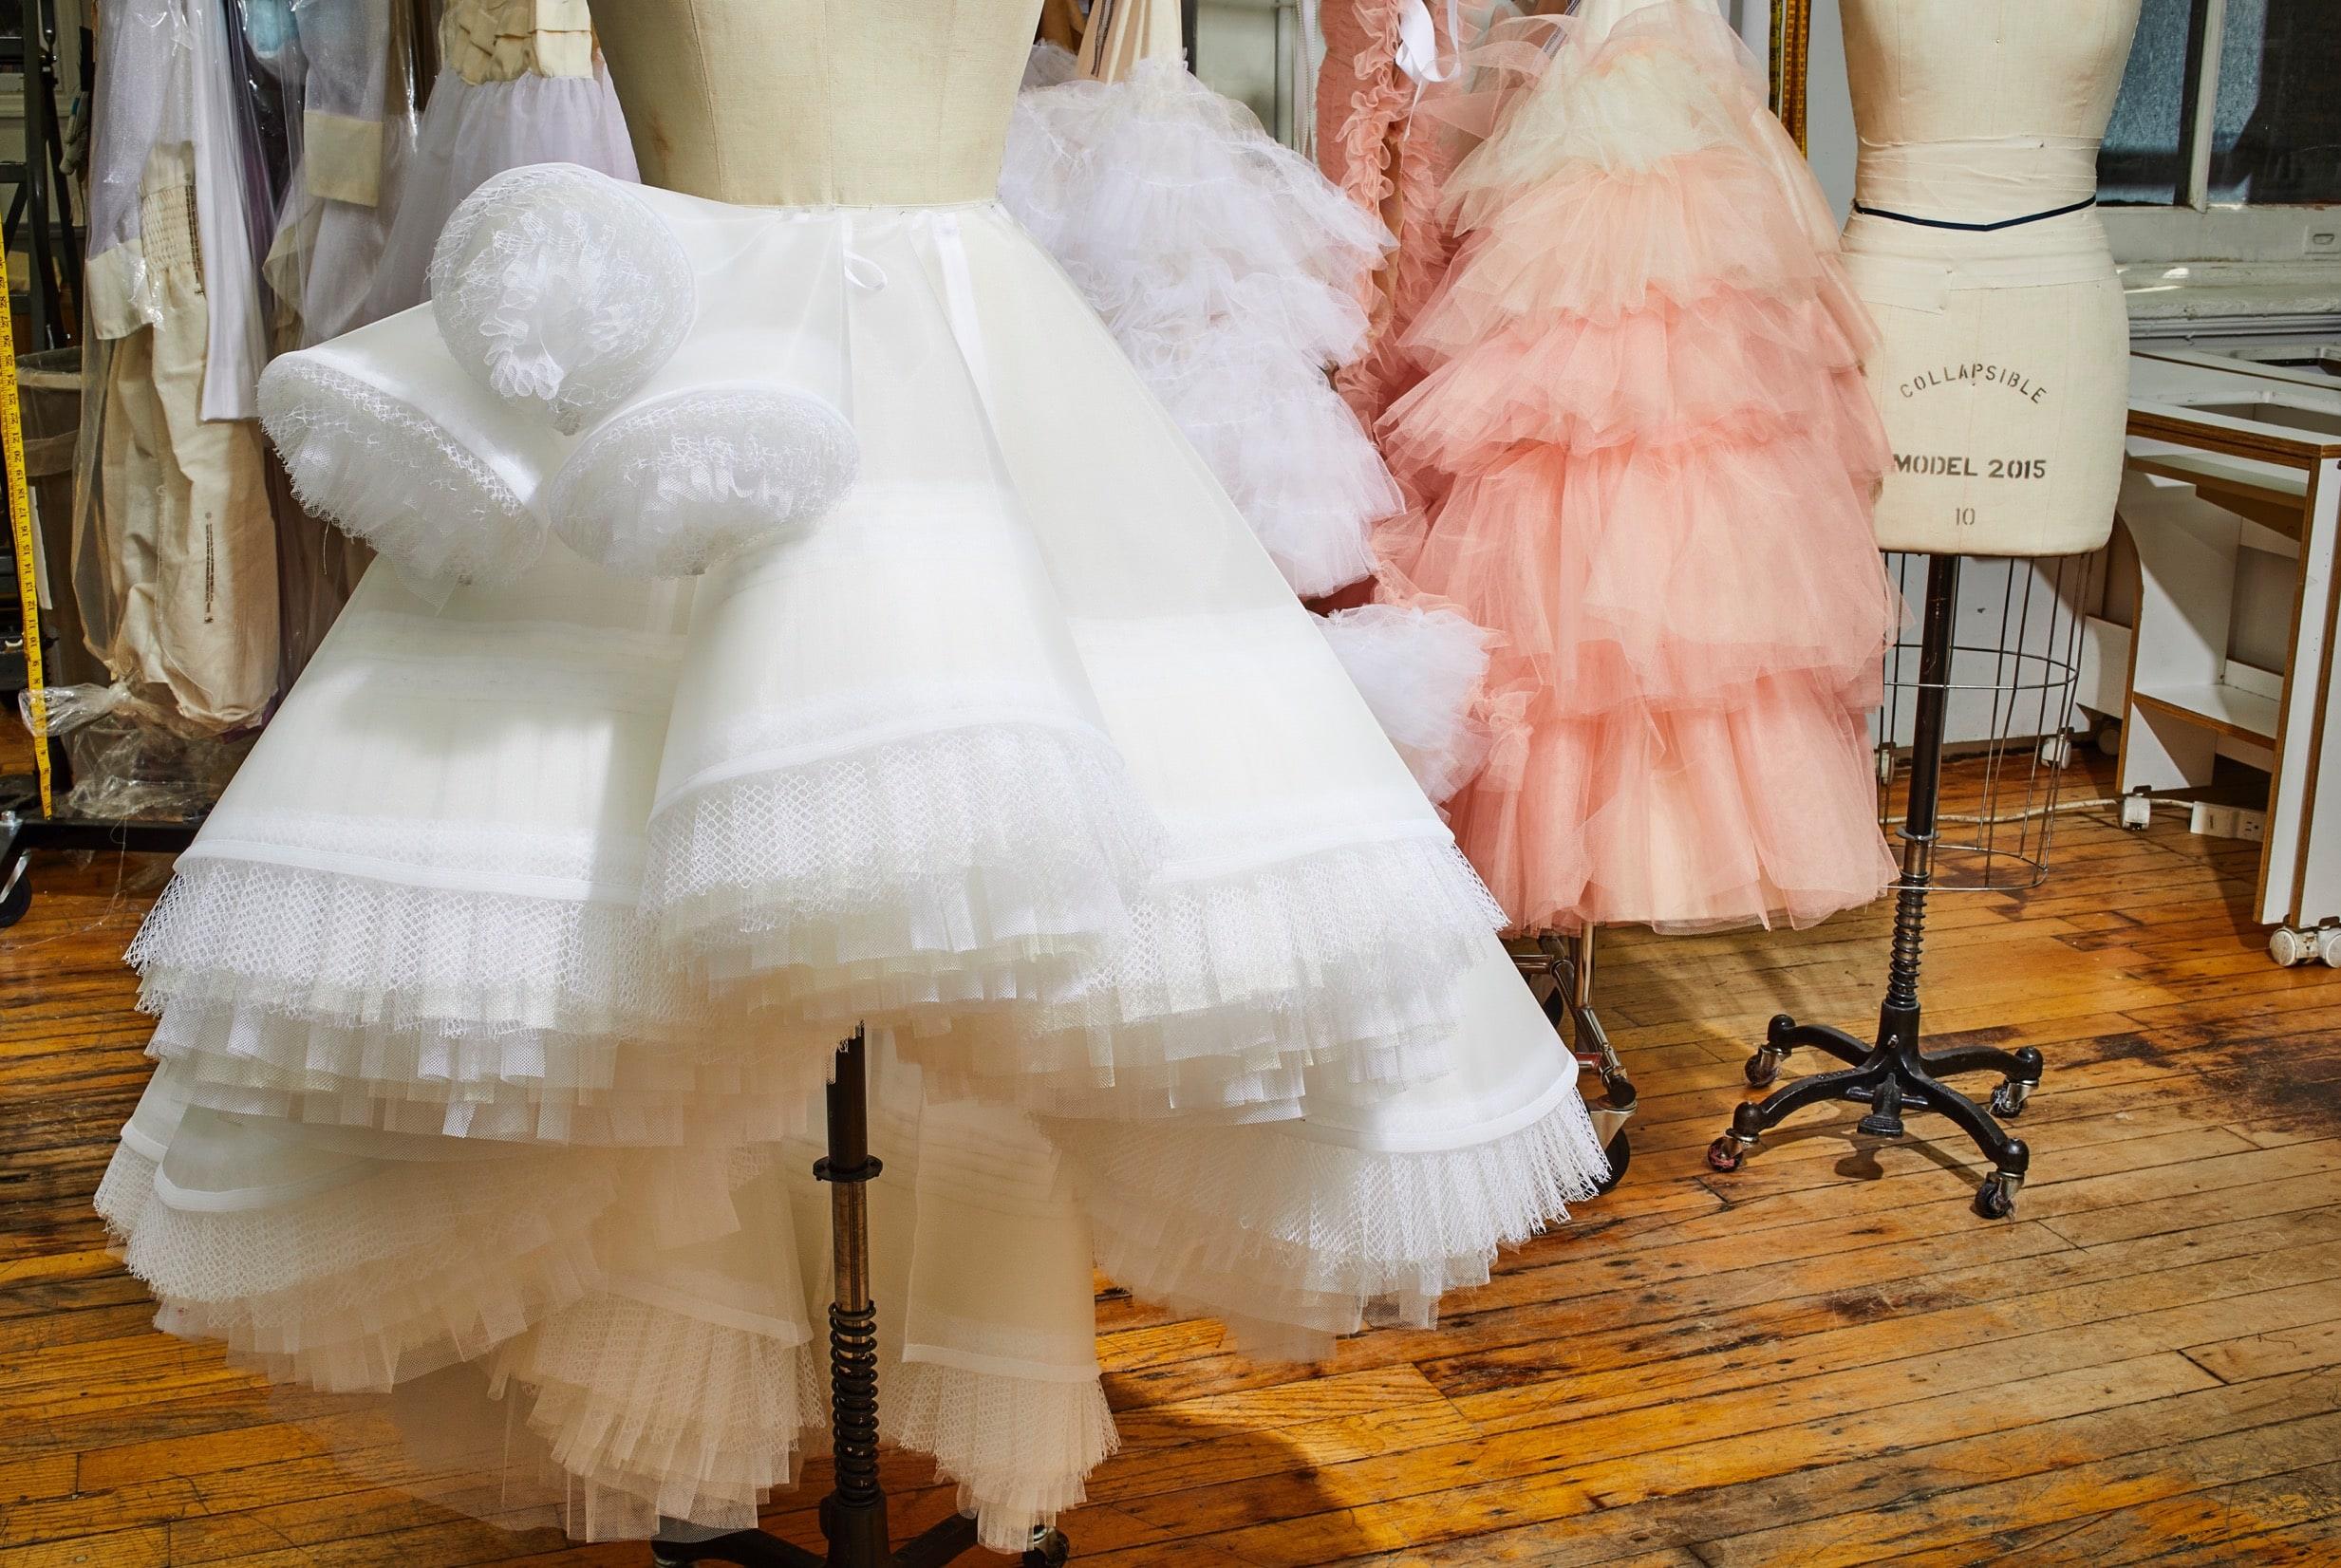 White tule skirt on mannequin in studio